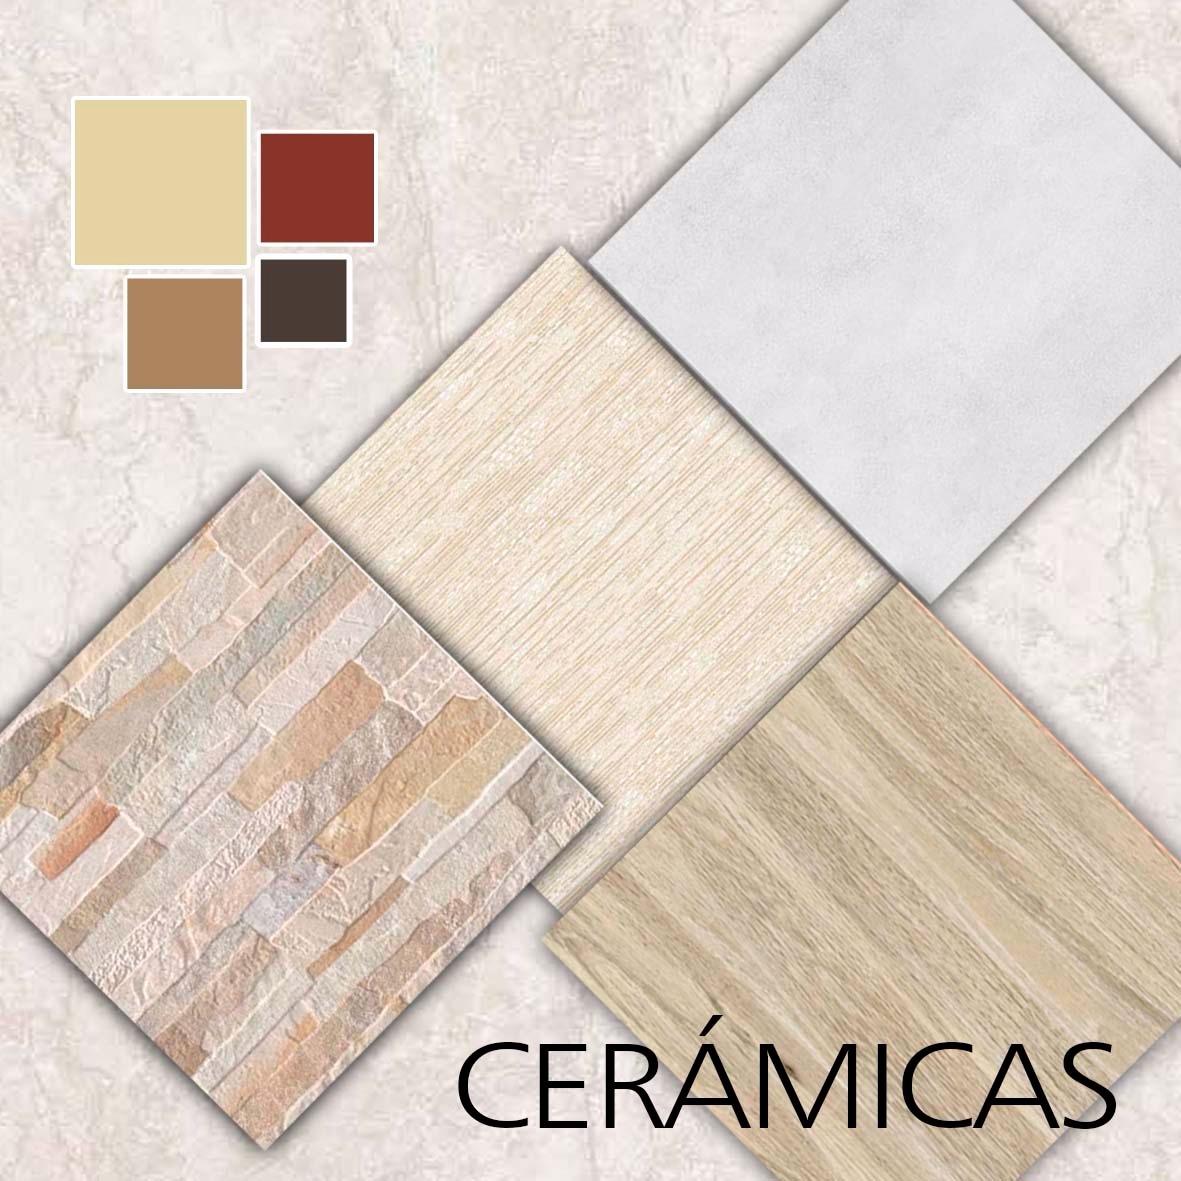 Cer micas para pisos y paredes bs 0 01 en mercado libre for Ver ceramicas para pisos